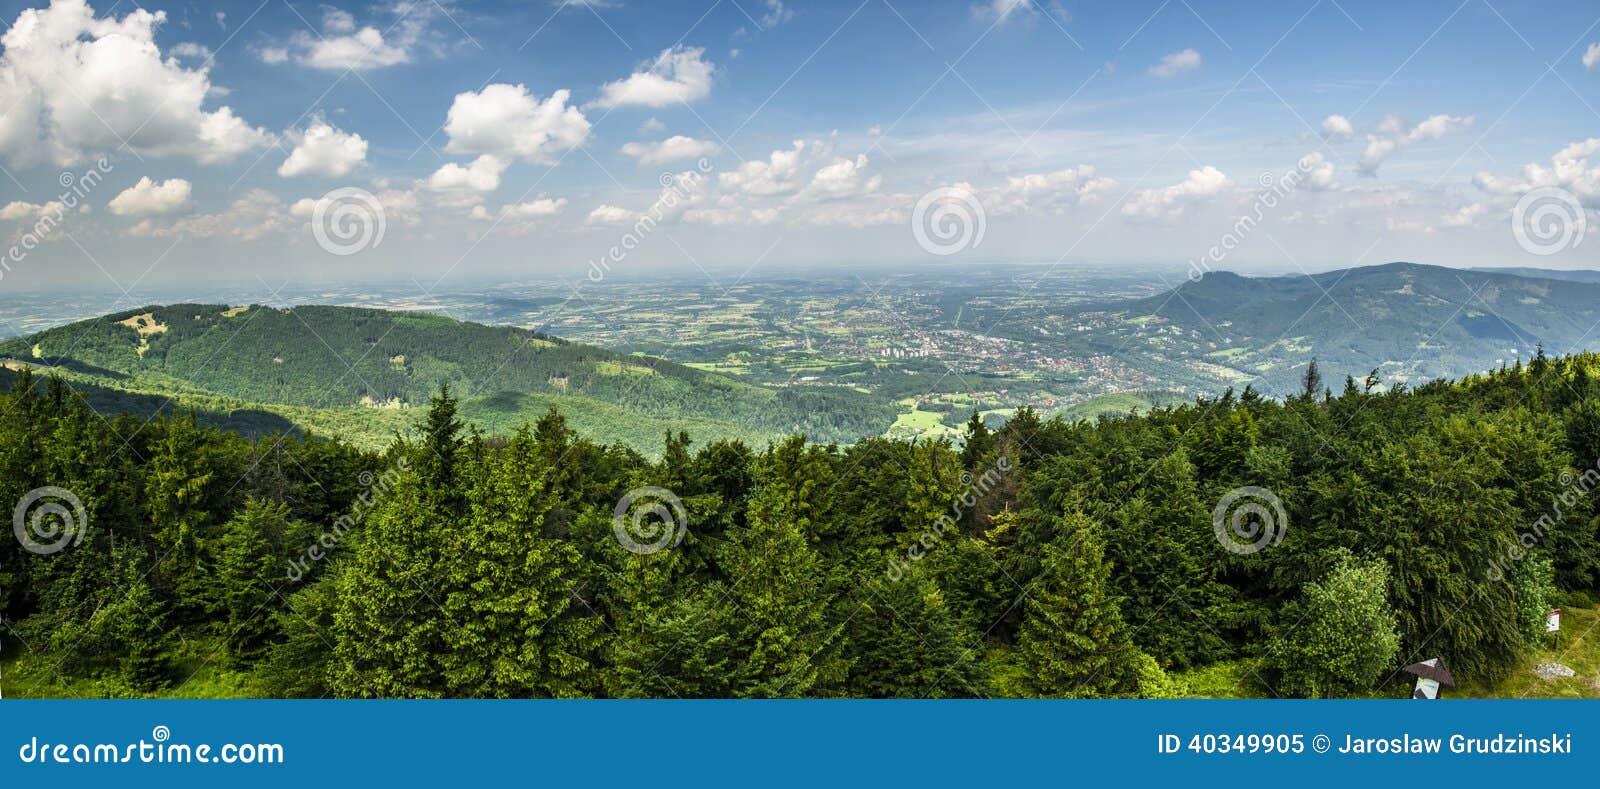 Πανόραμα βουνών